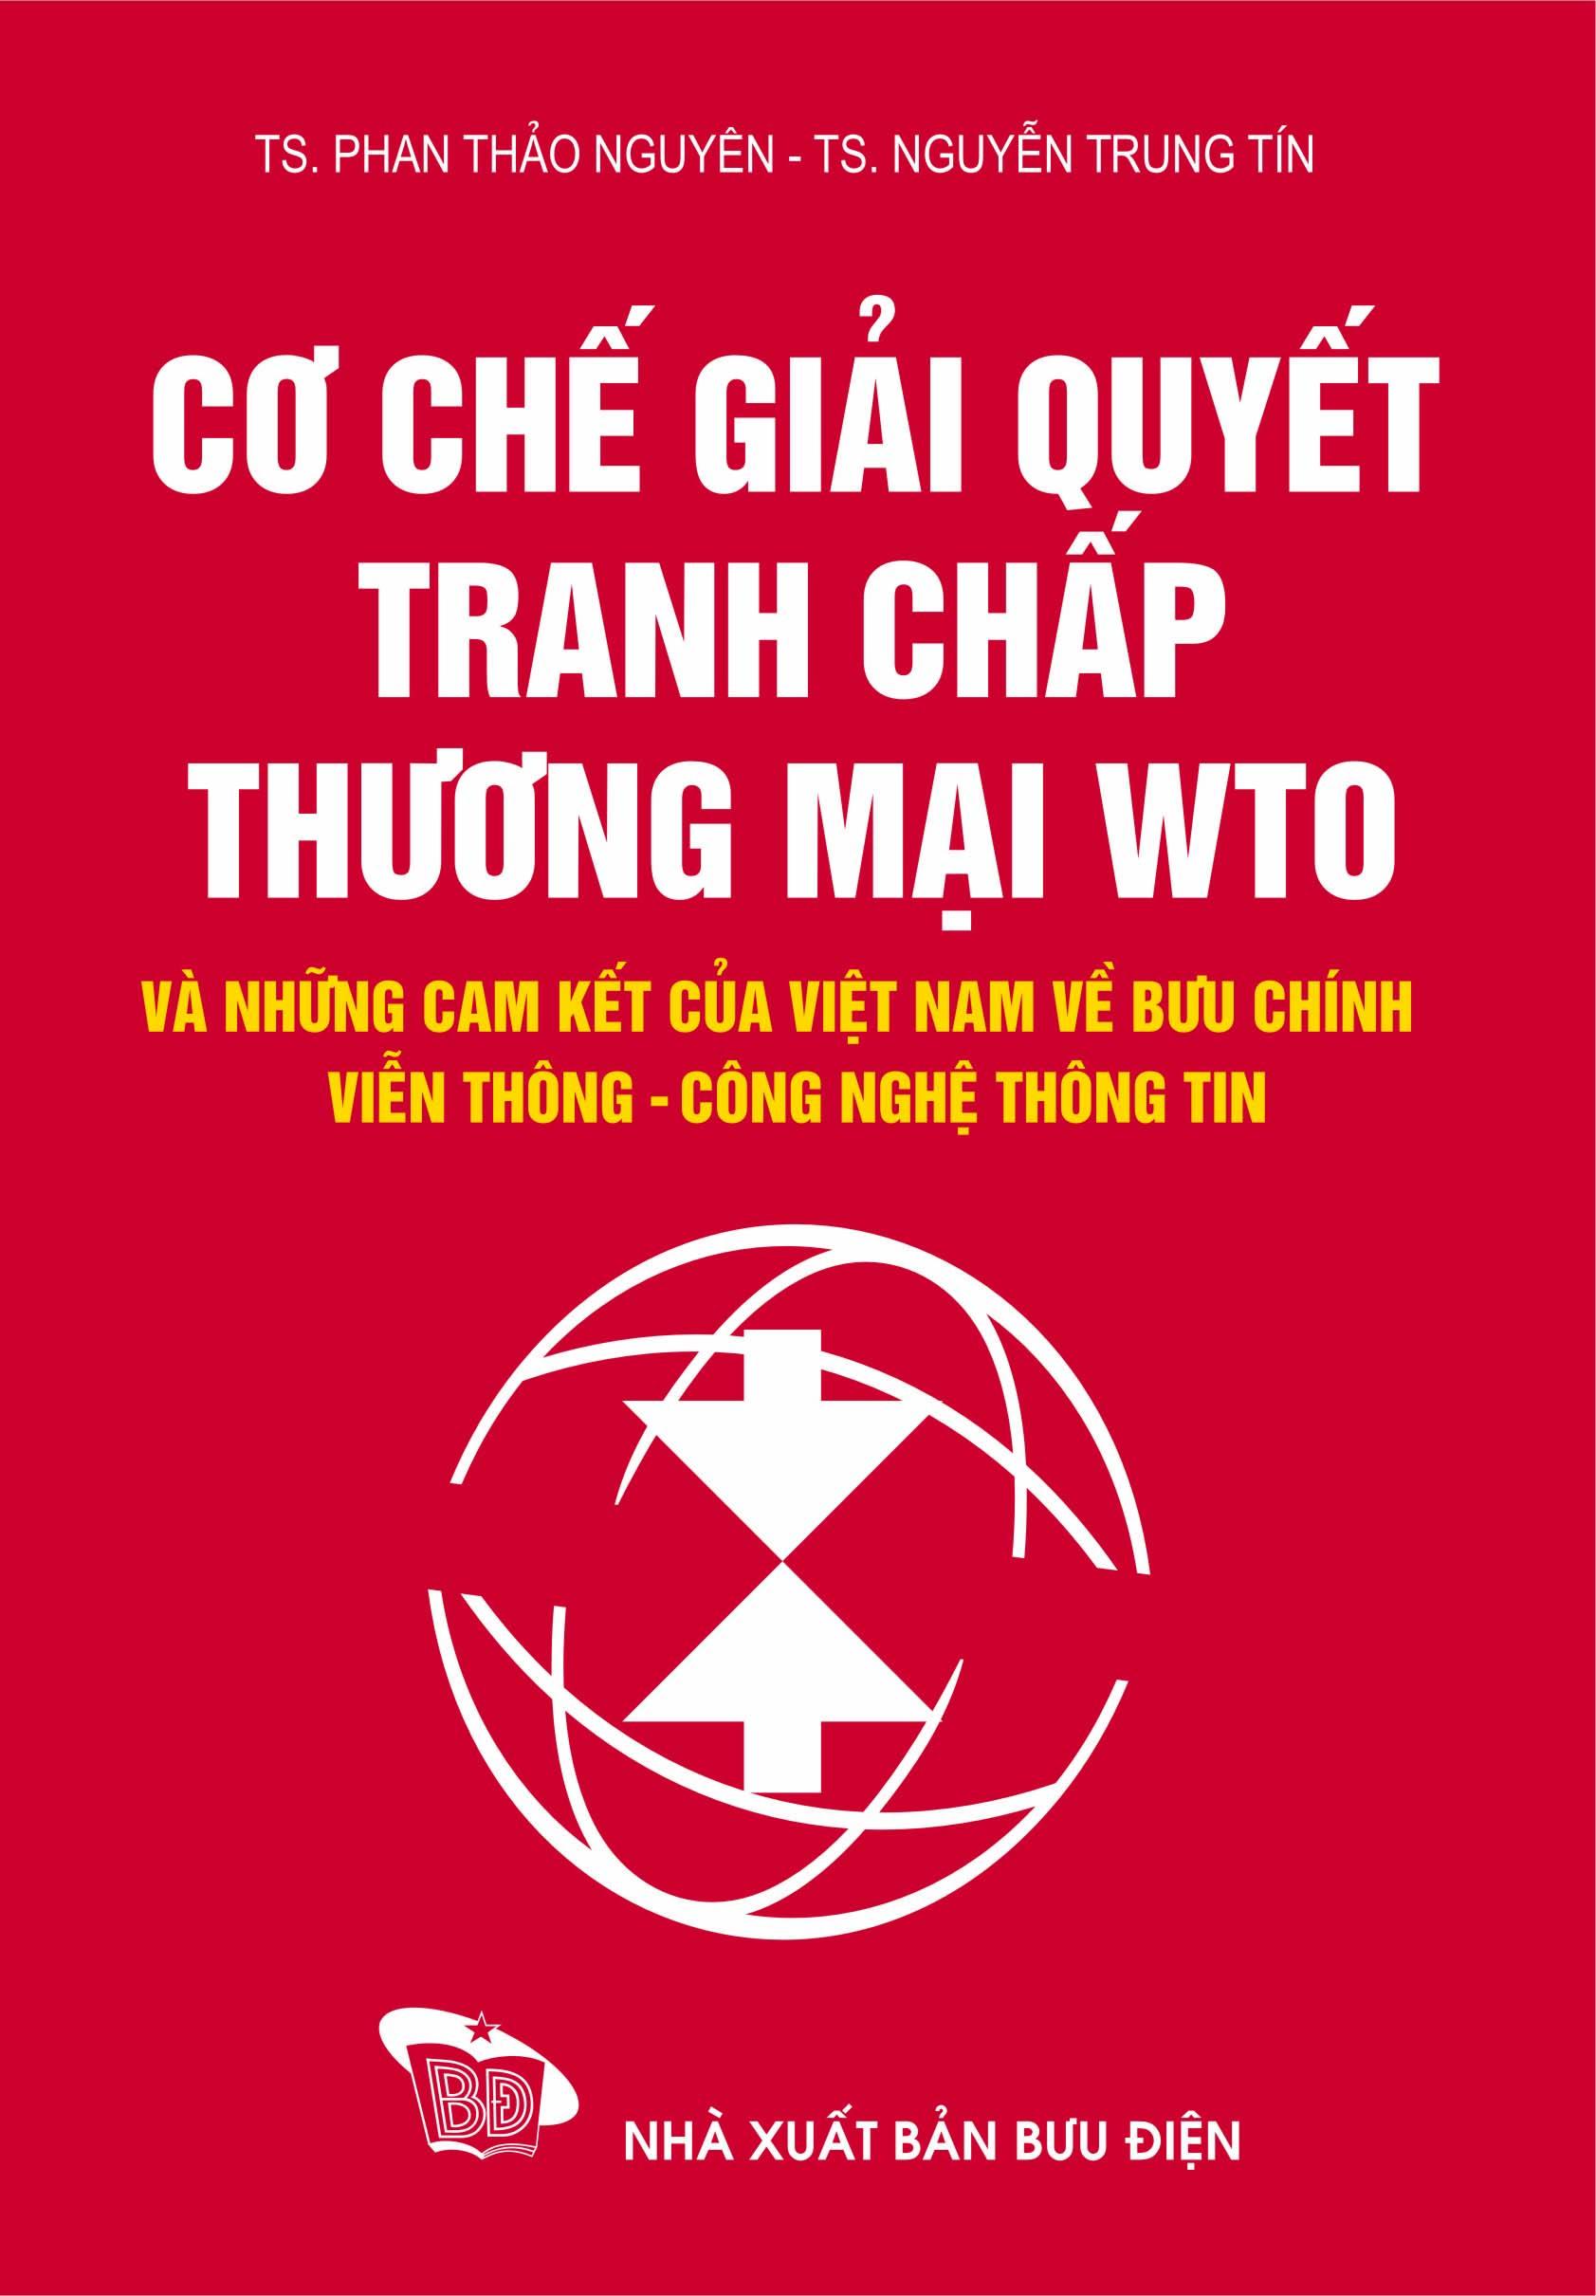 Ngành nghề theo biểu cam kết WTO